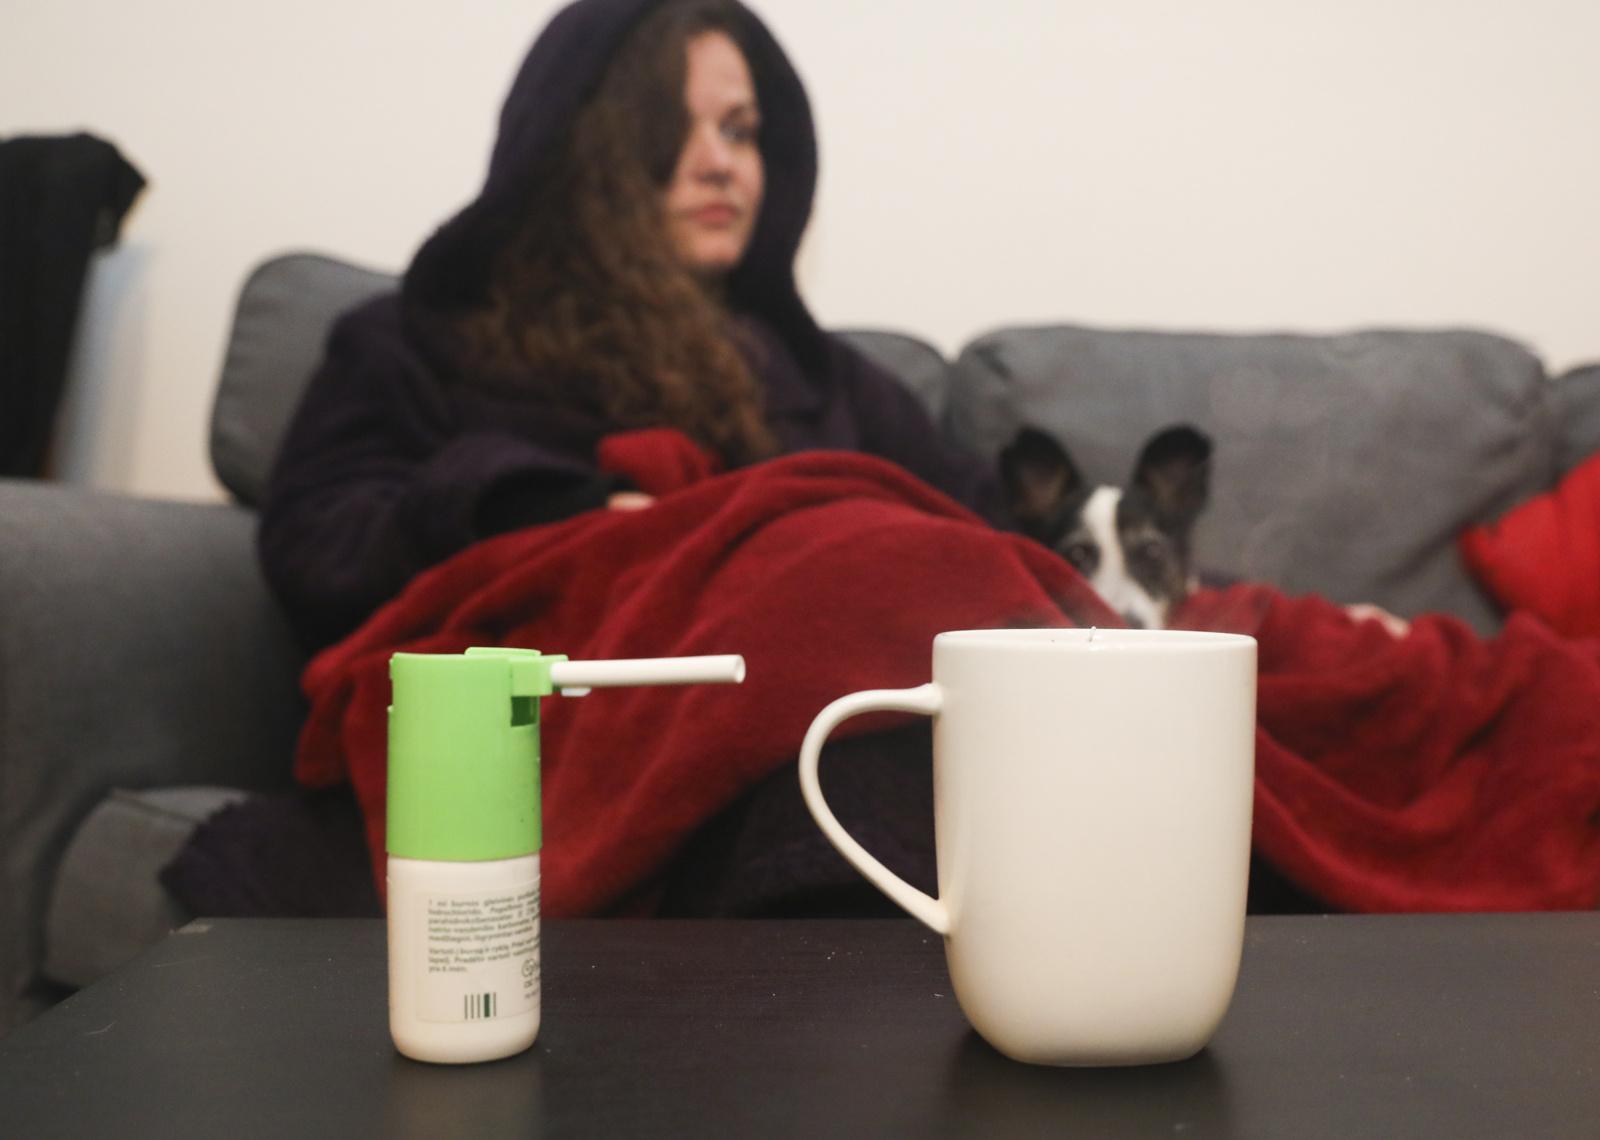 Darbdaviai: gripu susirgęs darbuotojas įmonei kainuoja per 100 eurų papildomų išlaidų